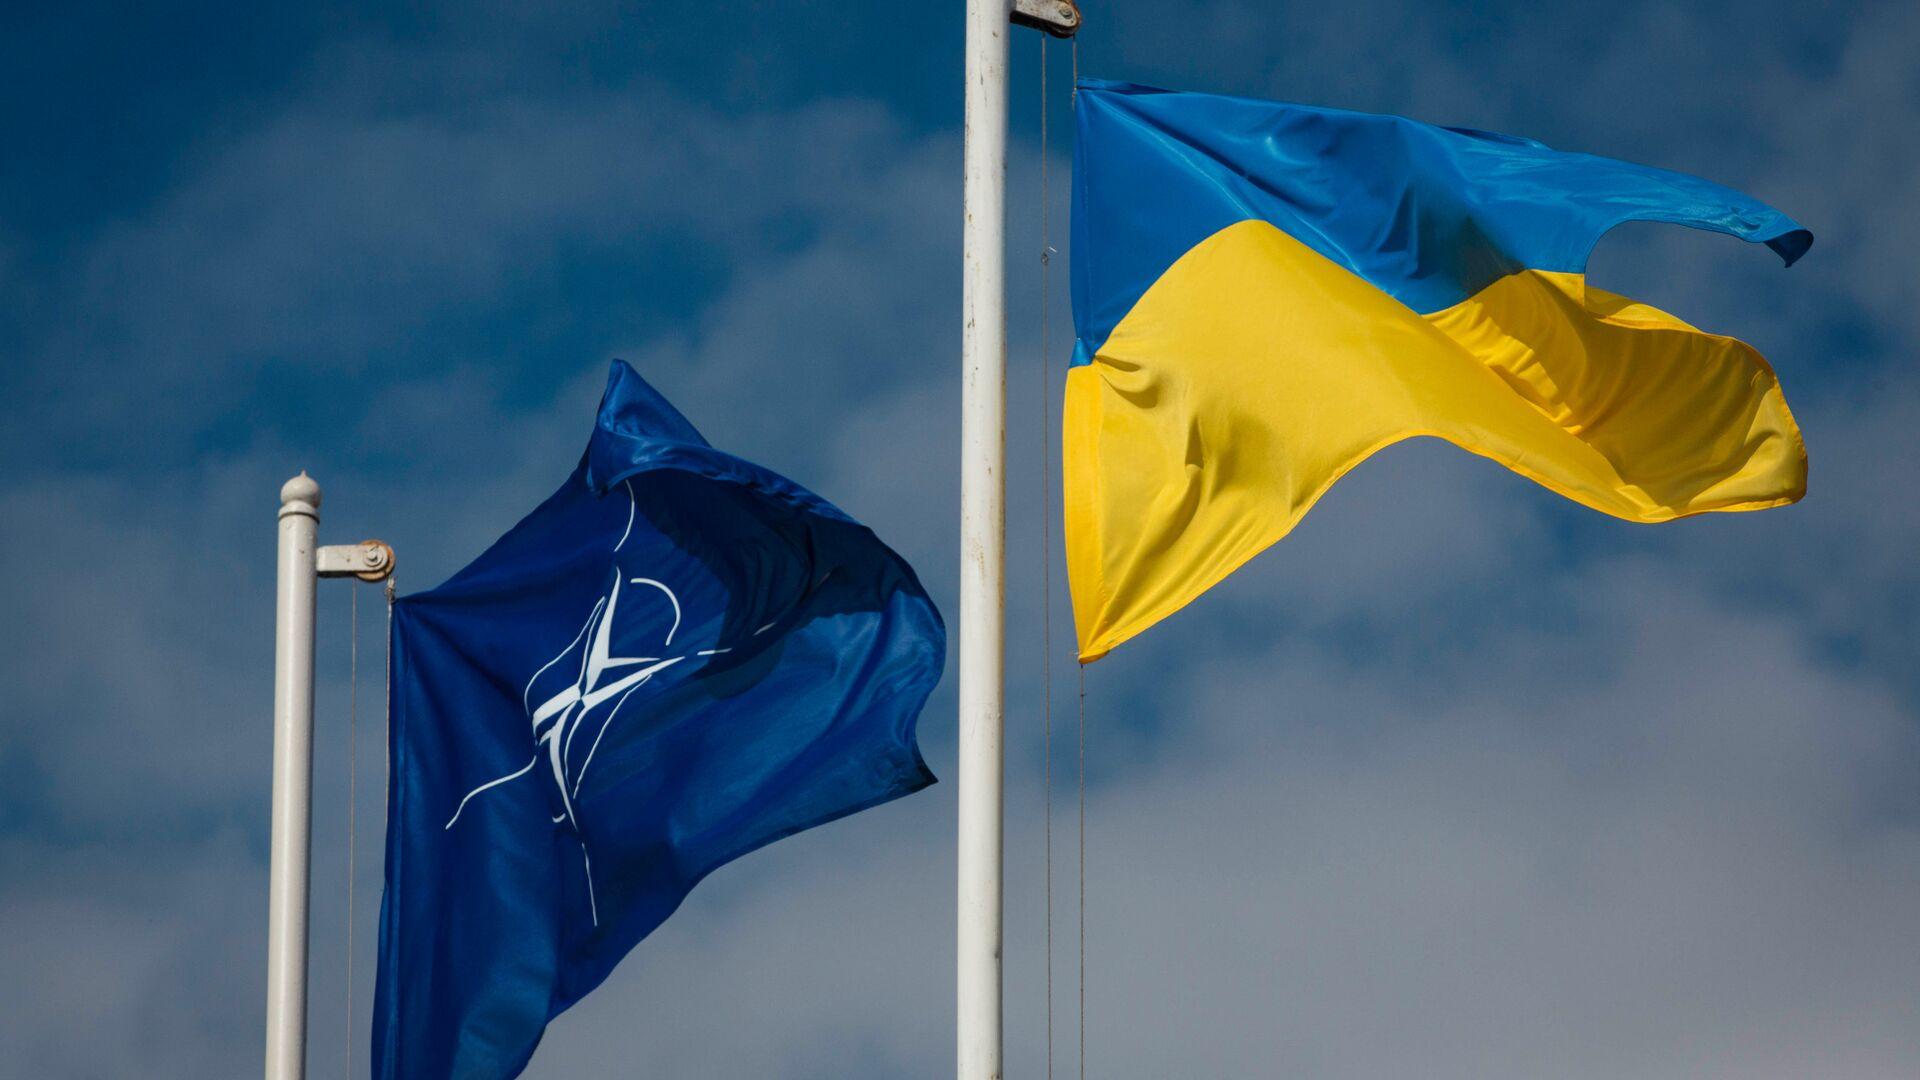 Национальный флаг Украины и флаг Организации Североатлантического договора (НАТО) - Sputnik Ўзбекистон, 1920, 08.04.2021